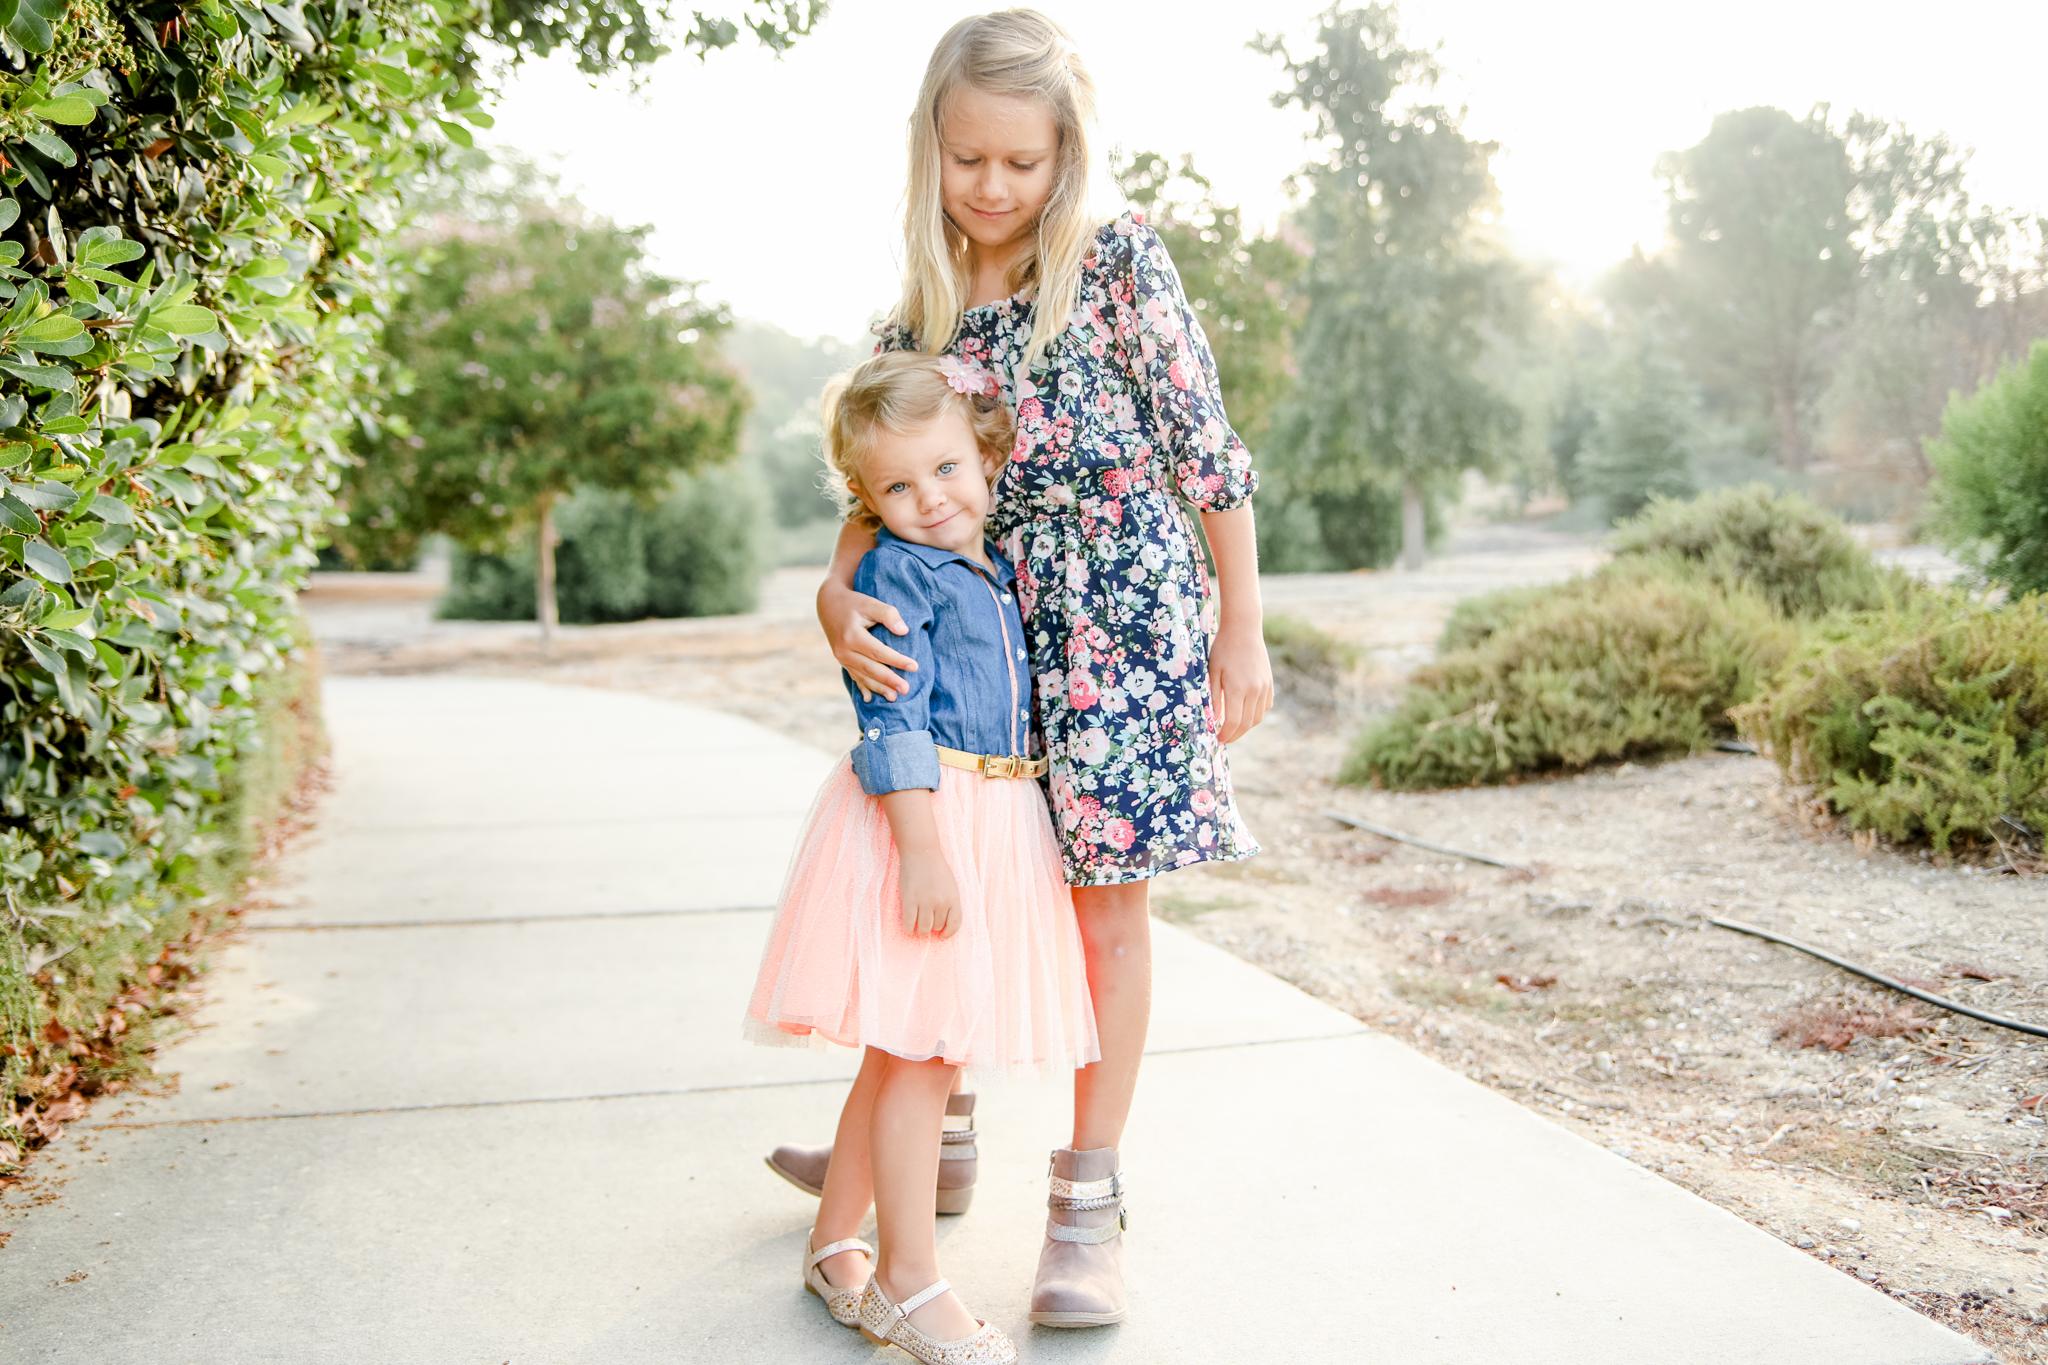 Kopp family photoshoot (4 of 5).jpg